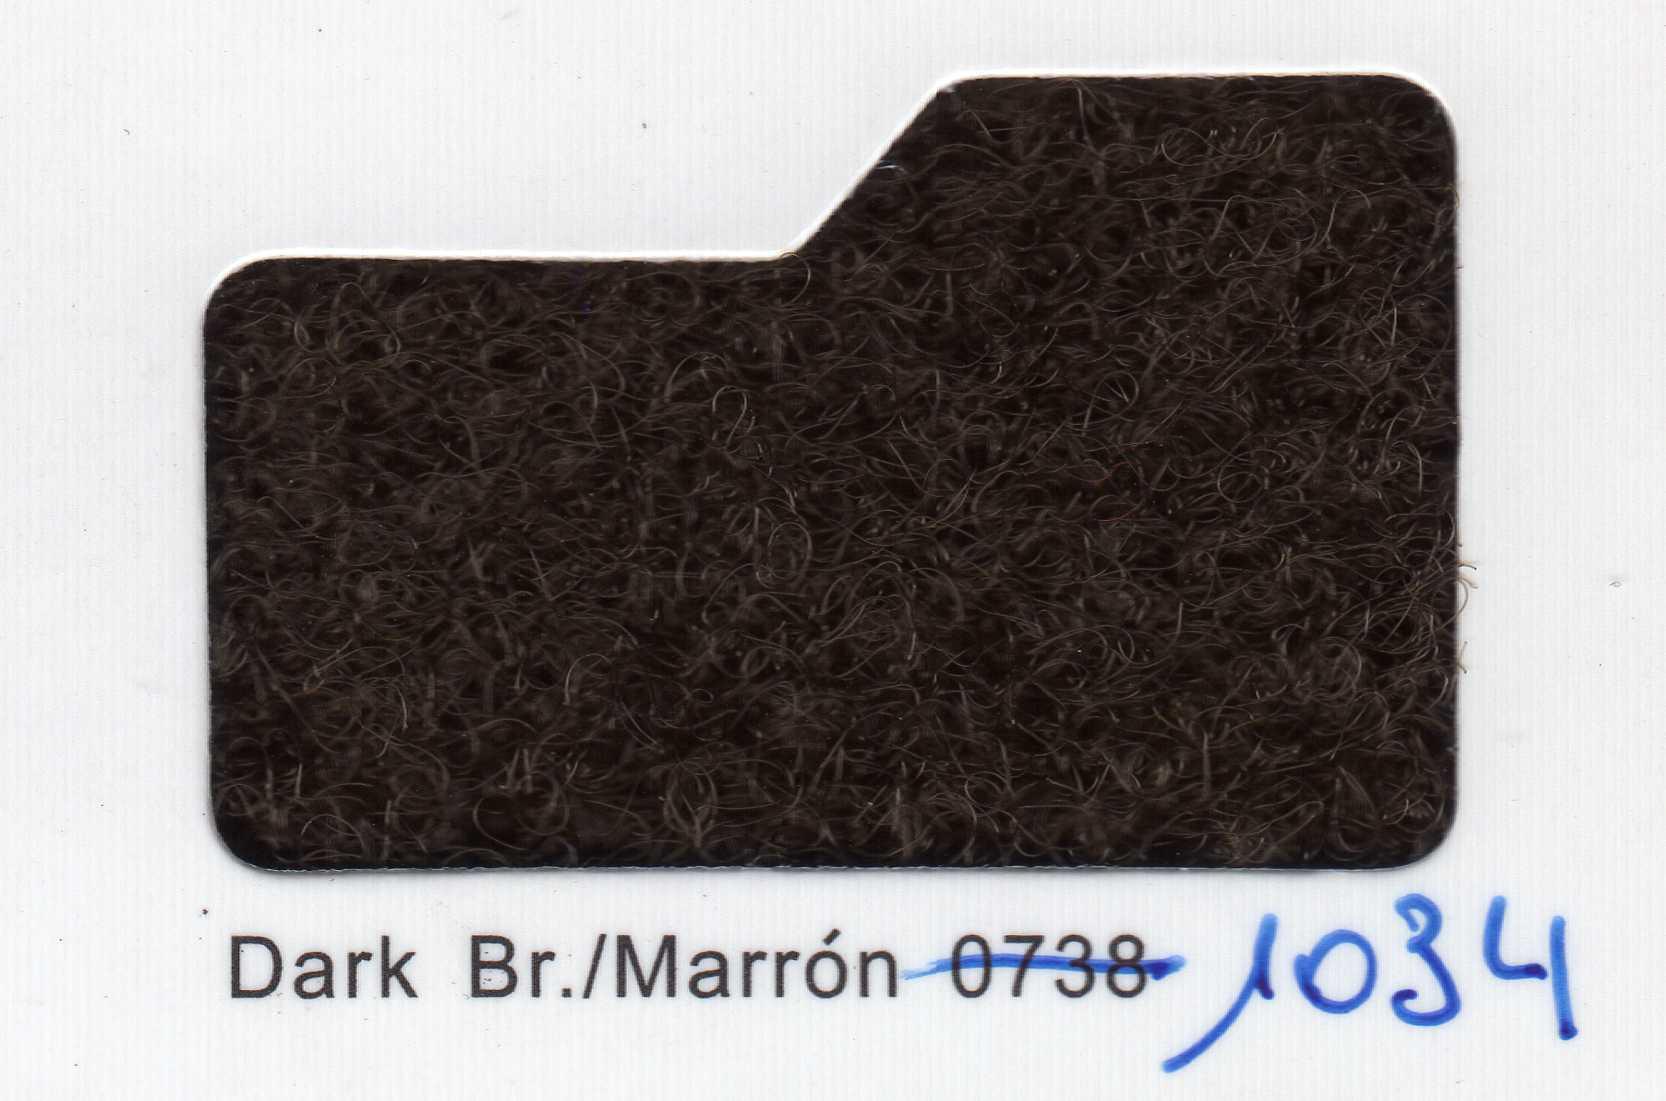 Cinta de cierre Velcro-Veraco 25mm Marrón 1034 (Rizo).